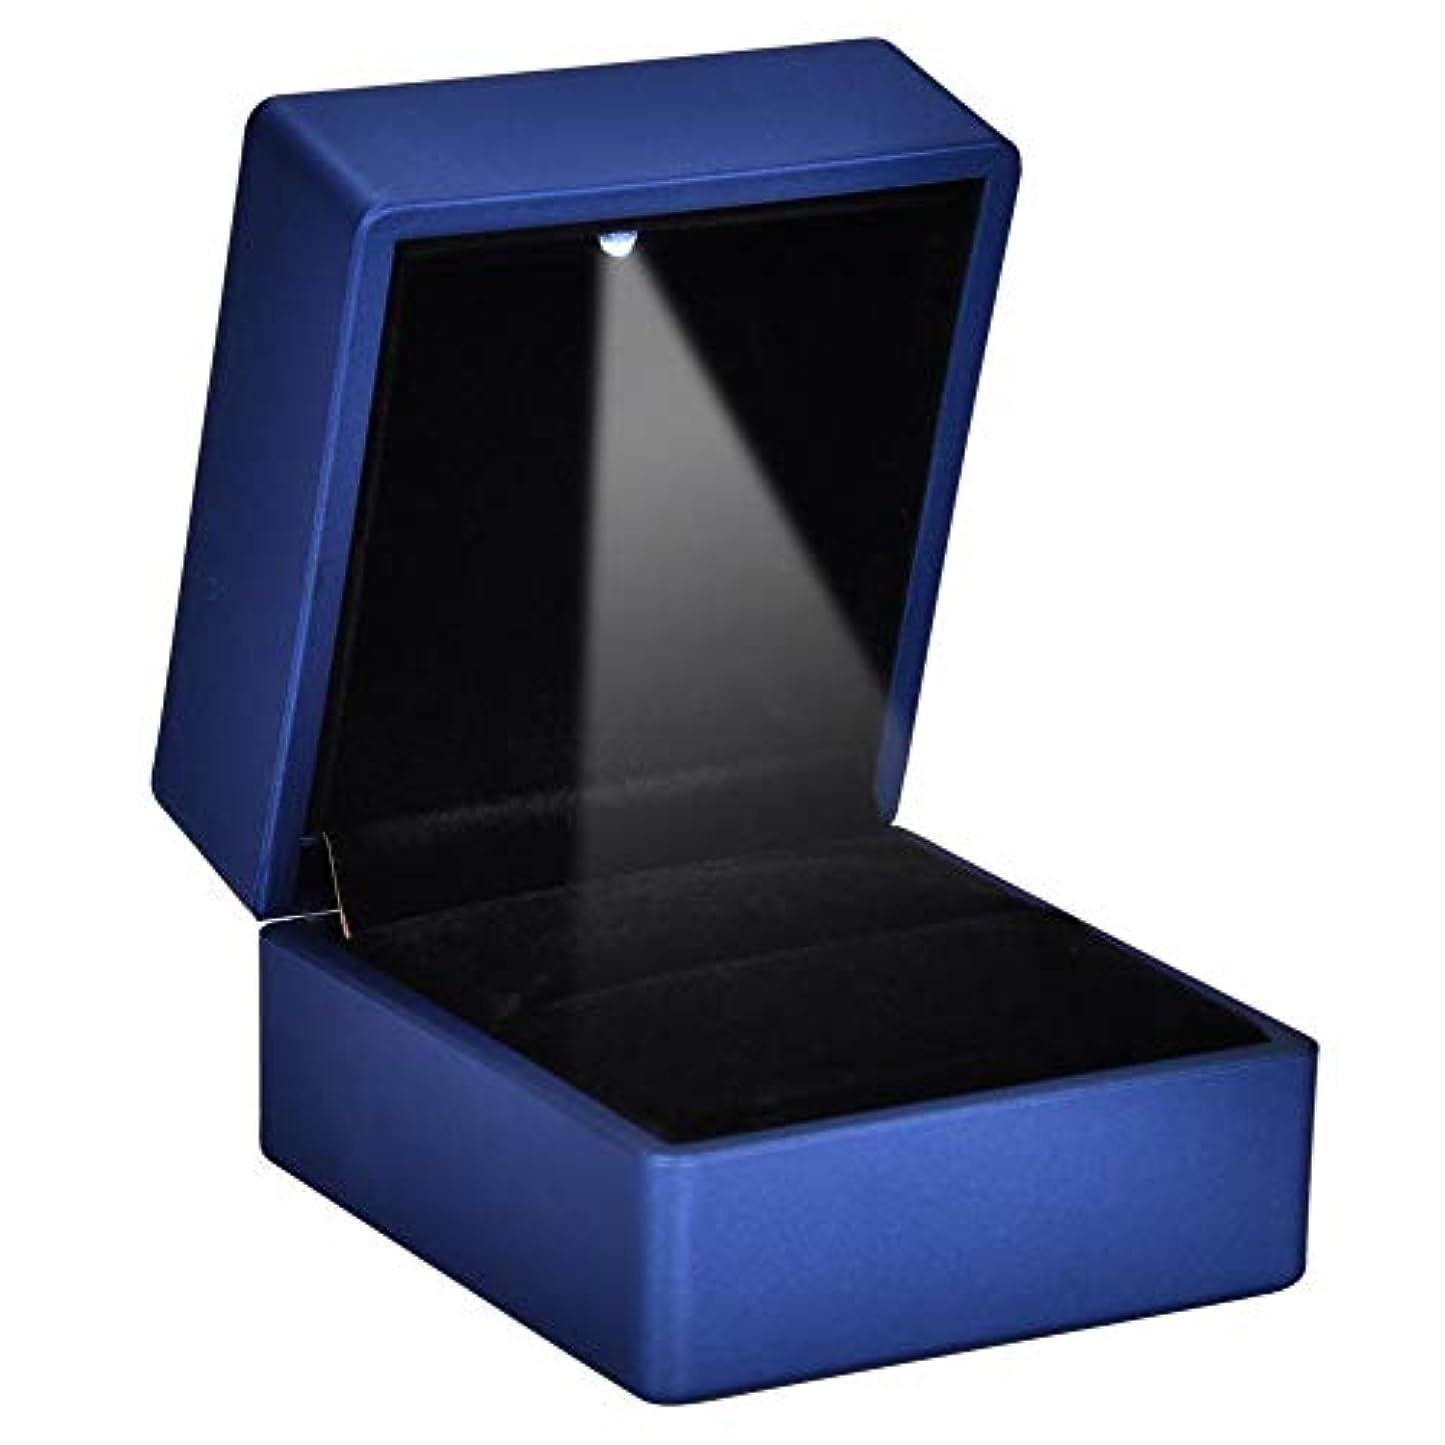 収入威信明確な2種類ファッショナブルなLEDリングボックス - 内部LED照明付きリングケース、ジュエリーホルダーリング収納ケース、結婚式の提案(ブルー-90 * 70 * 35)